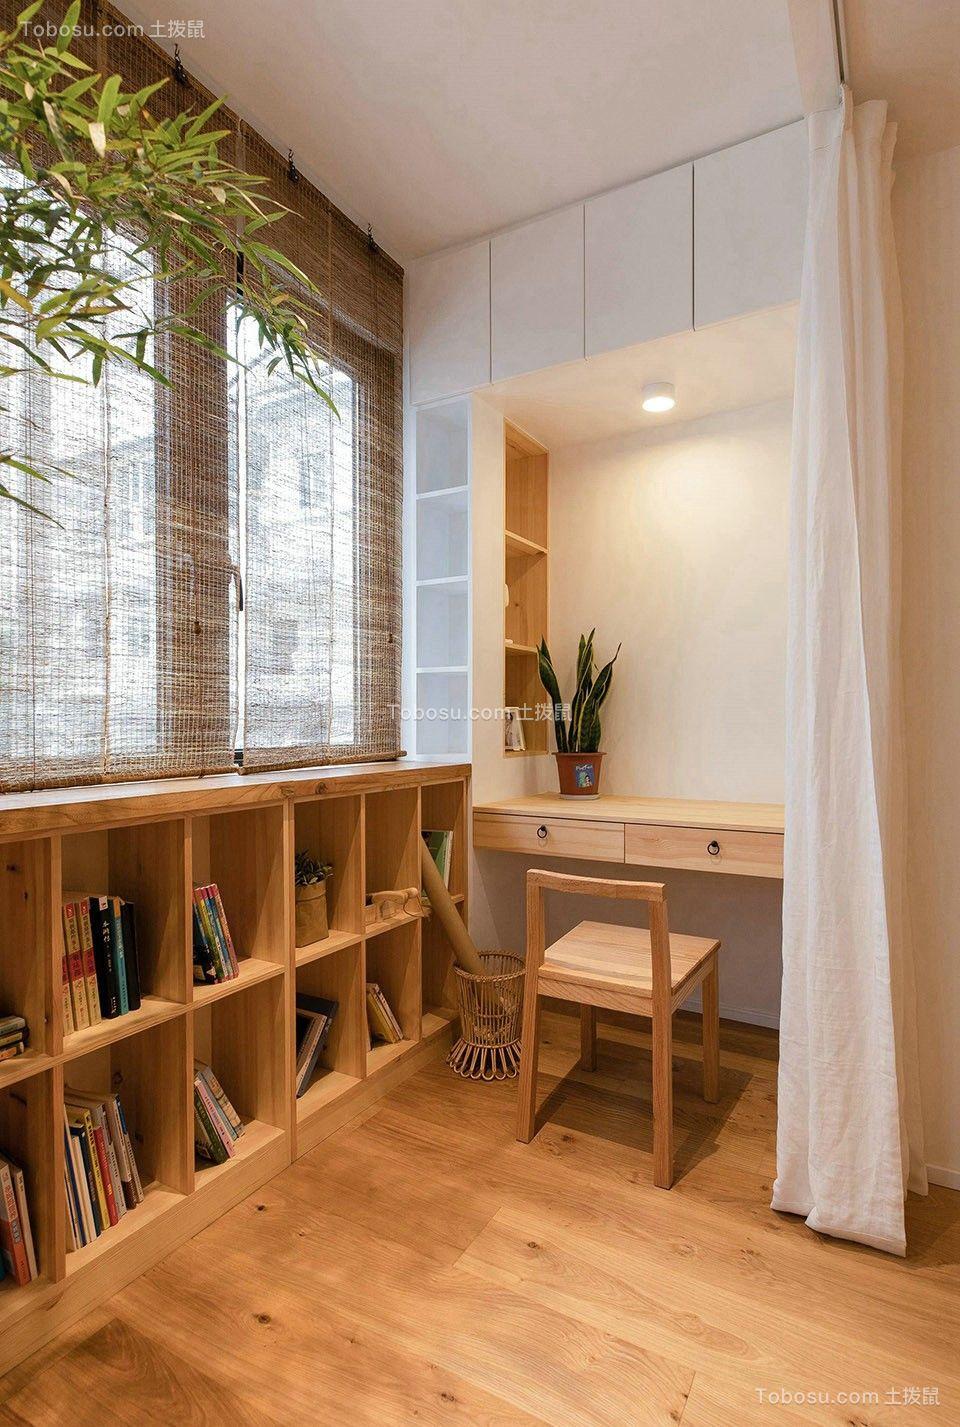 45平方米日式风格二居室装修效果图